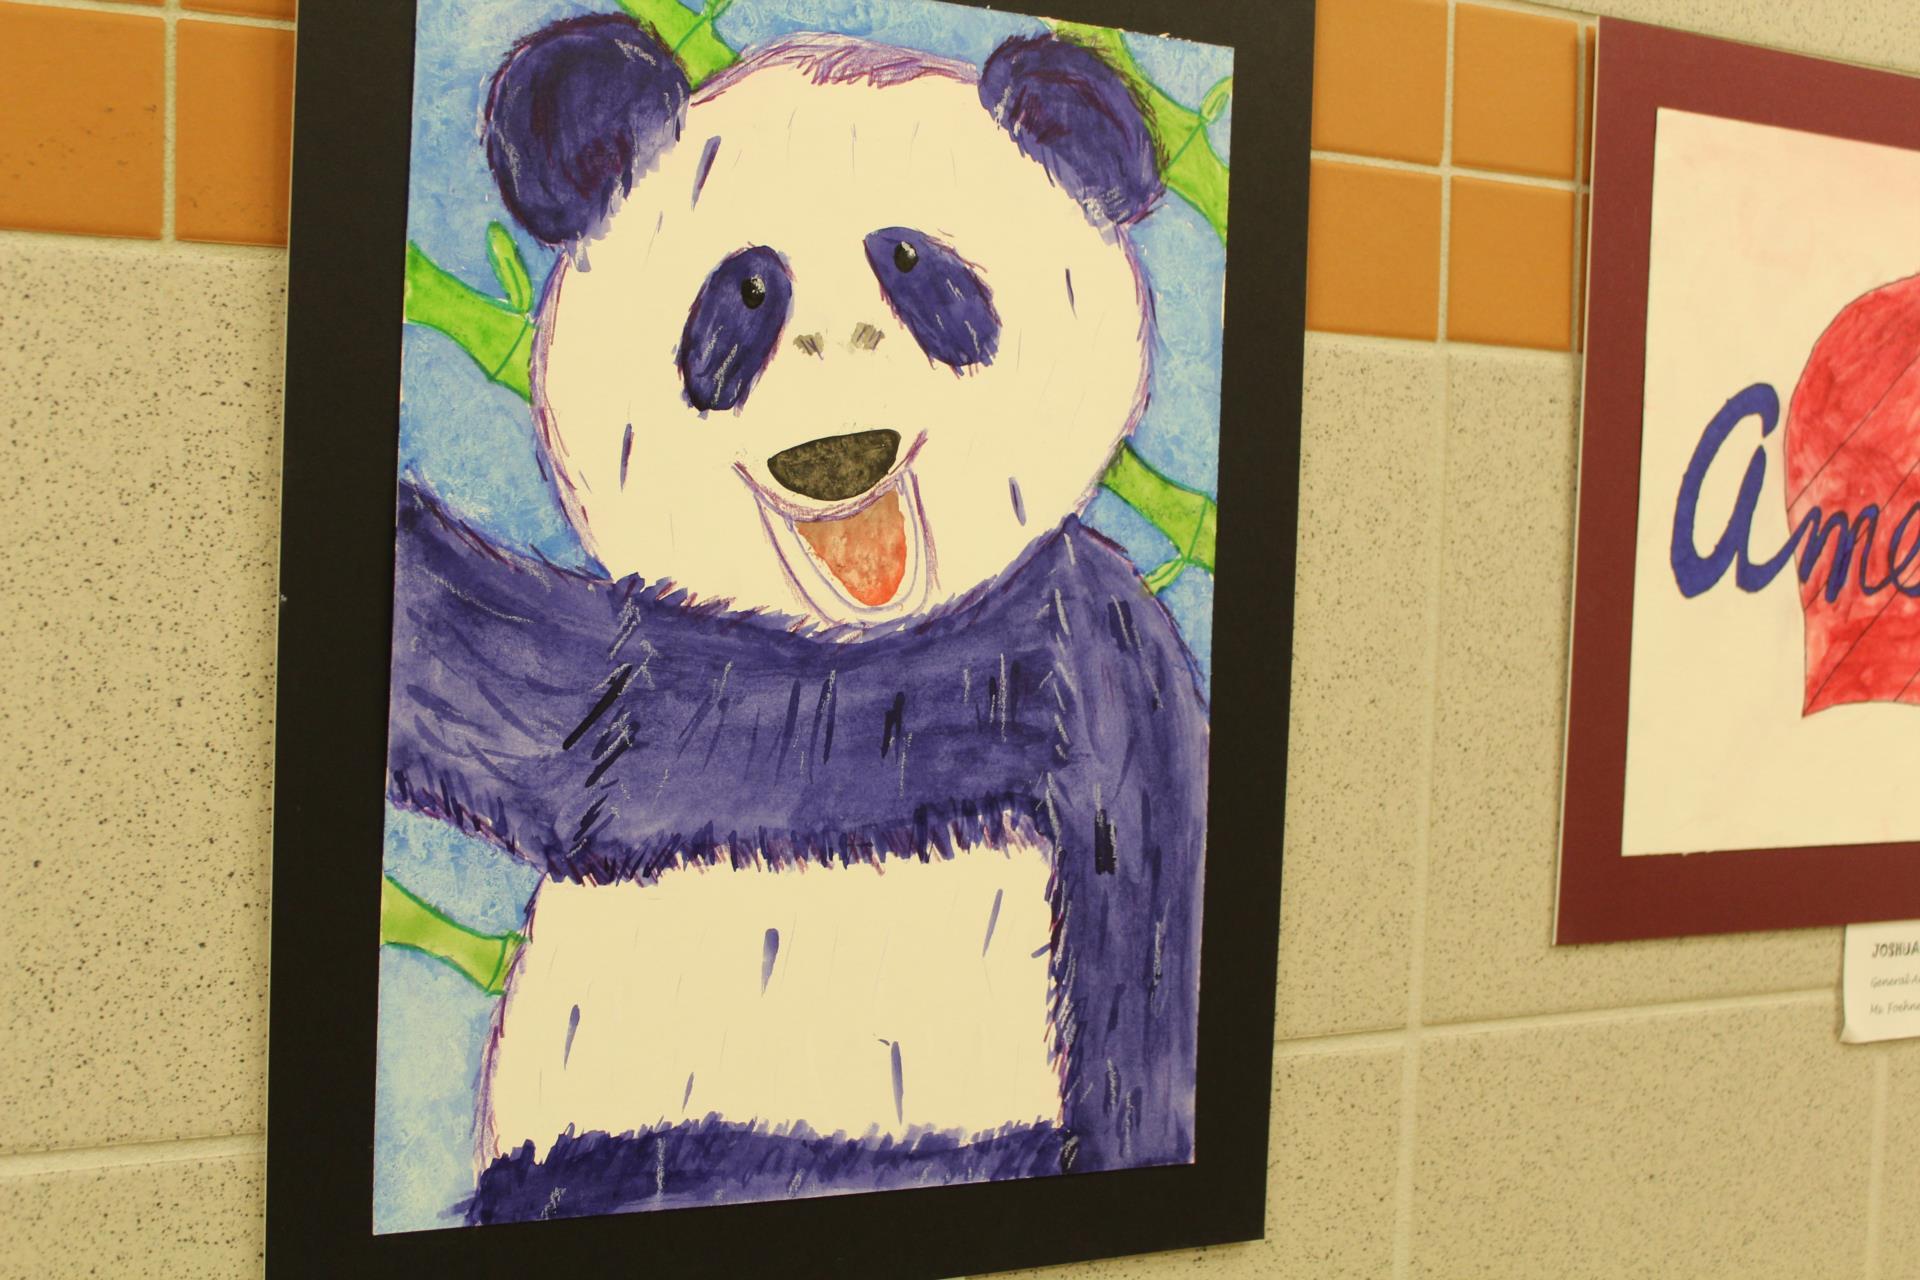 Panda artwork